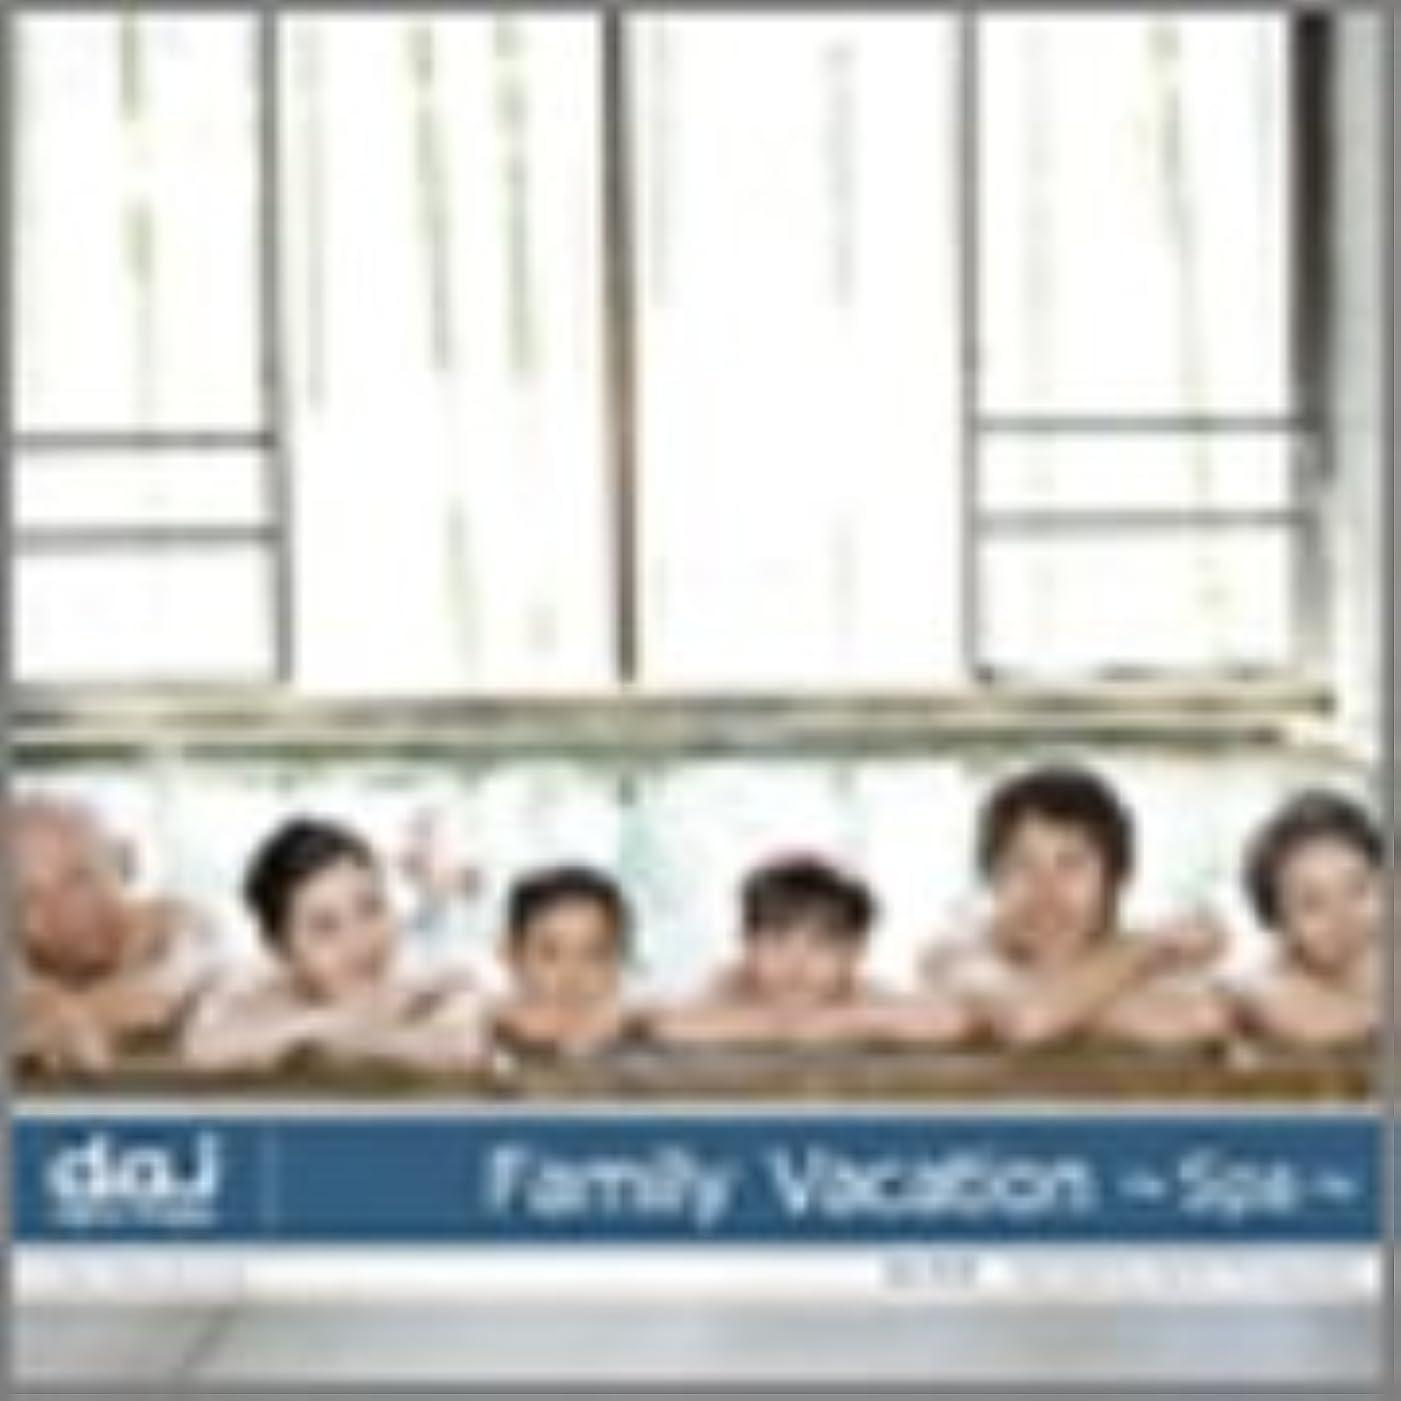 症状インタフェース保証DAJ 418 FAMILY VACATION -SPA-